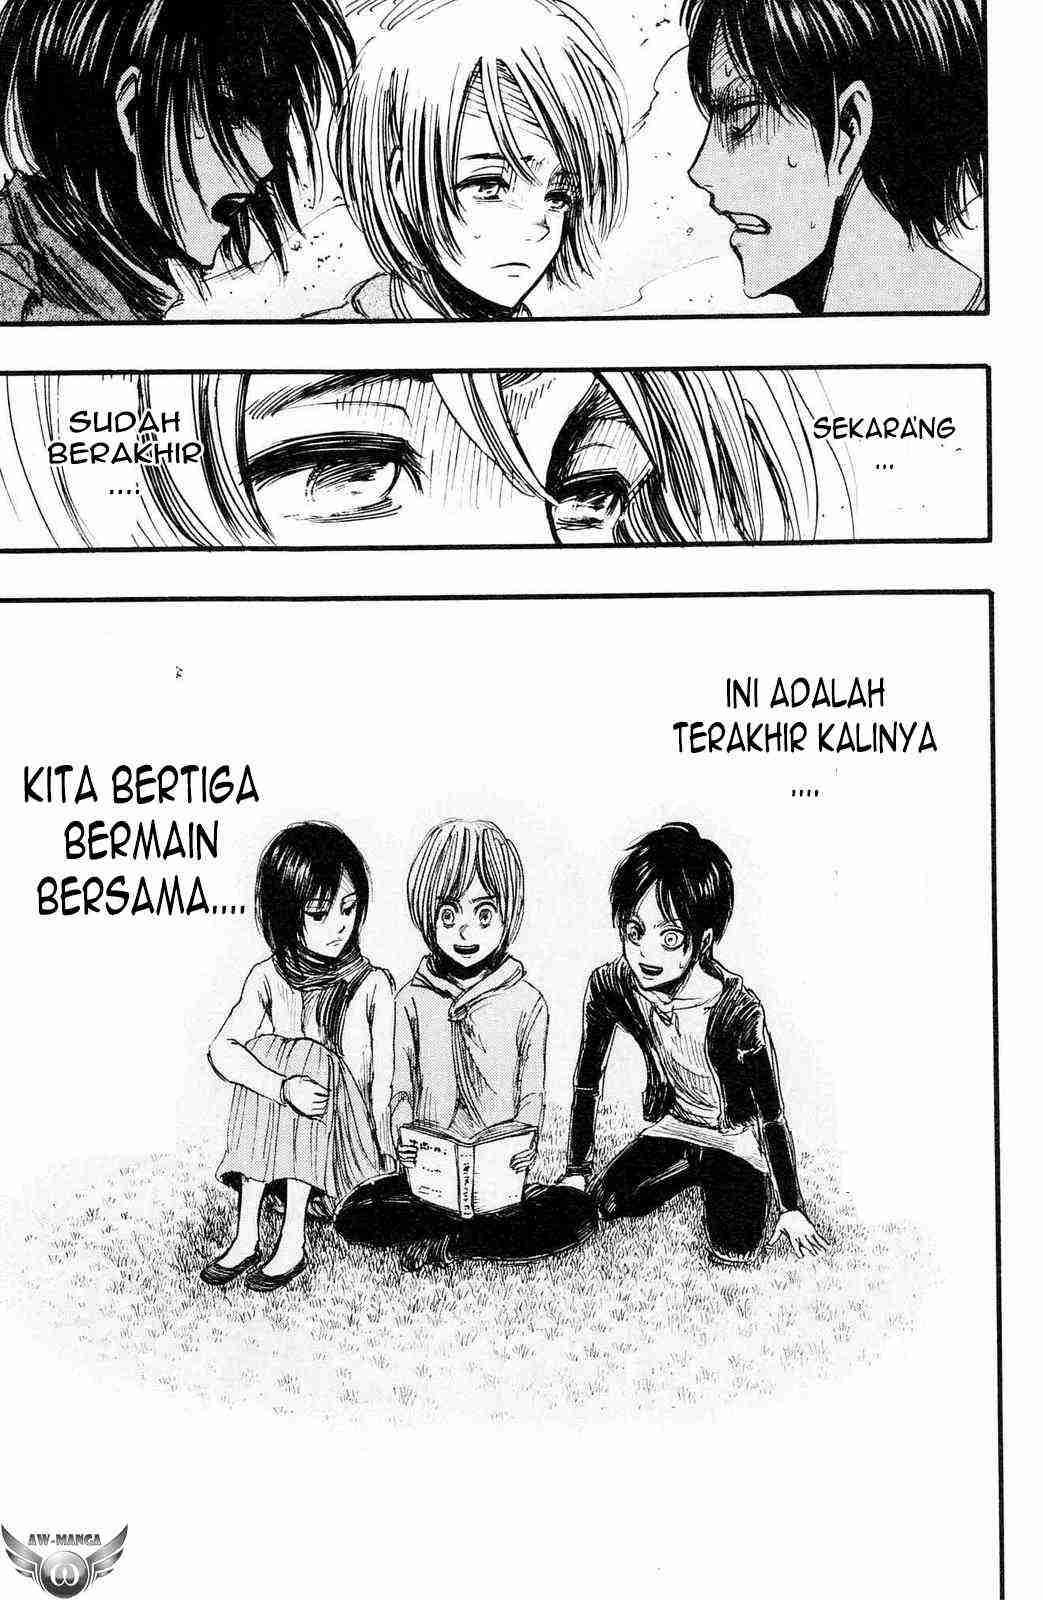 Komik shingeki no kyojin 011 12 Indonesia shingeki no kyojin 011 Terbaru 27 Baca Manga Komik Indonesia 